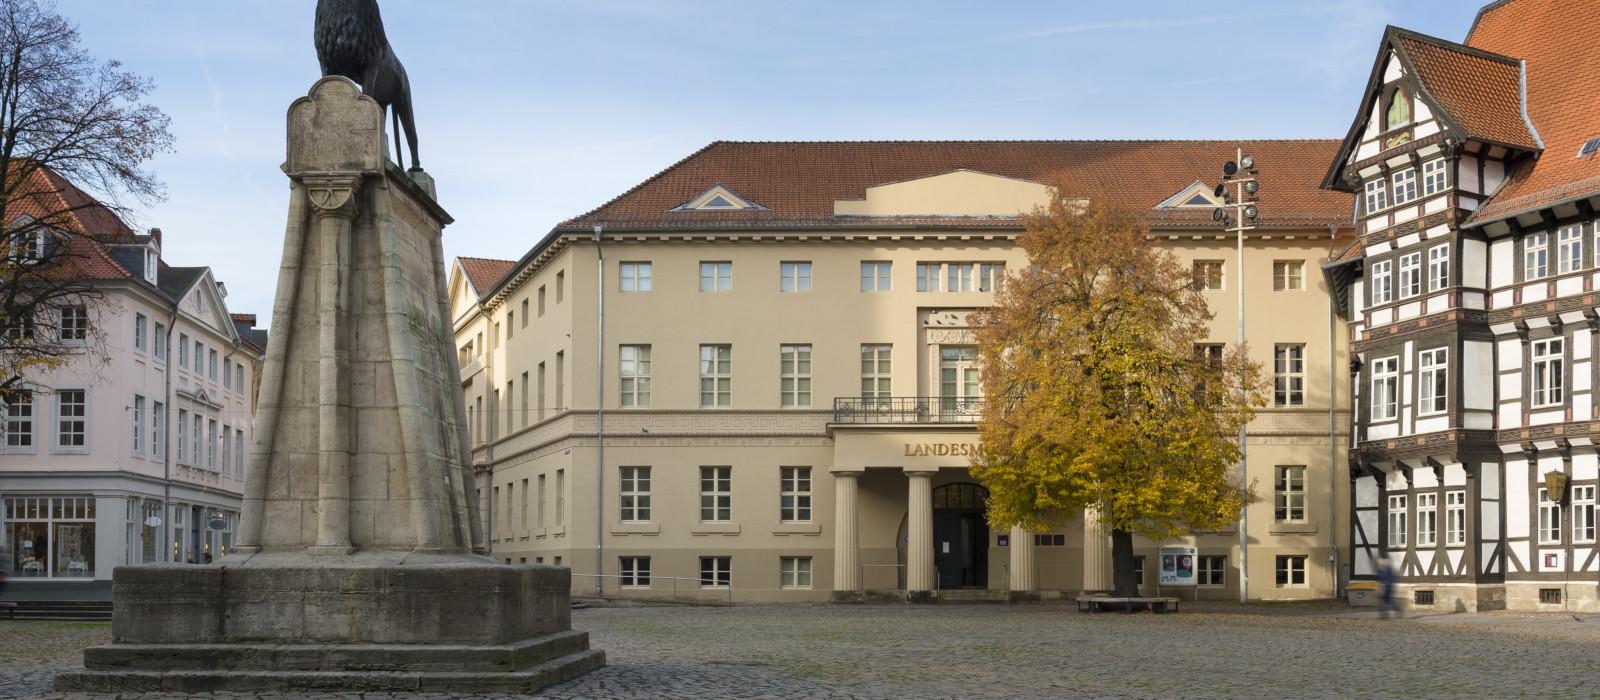 Außenansicht Landesmuseum Braunschweig